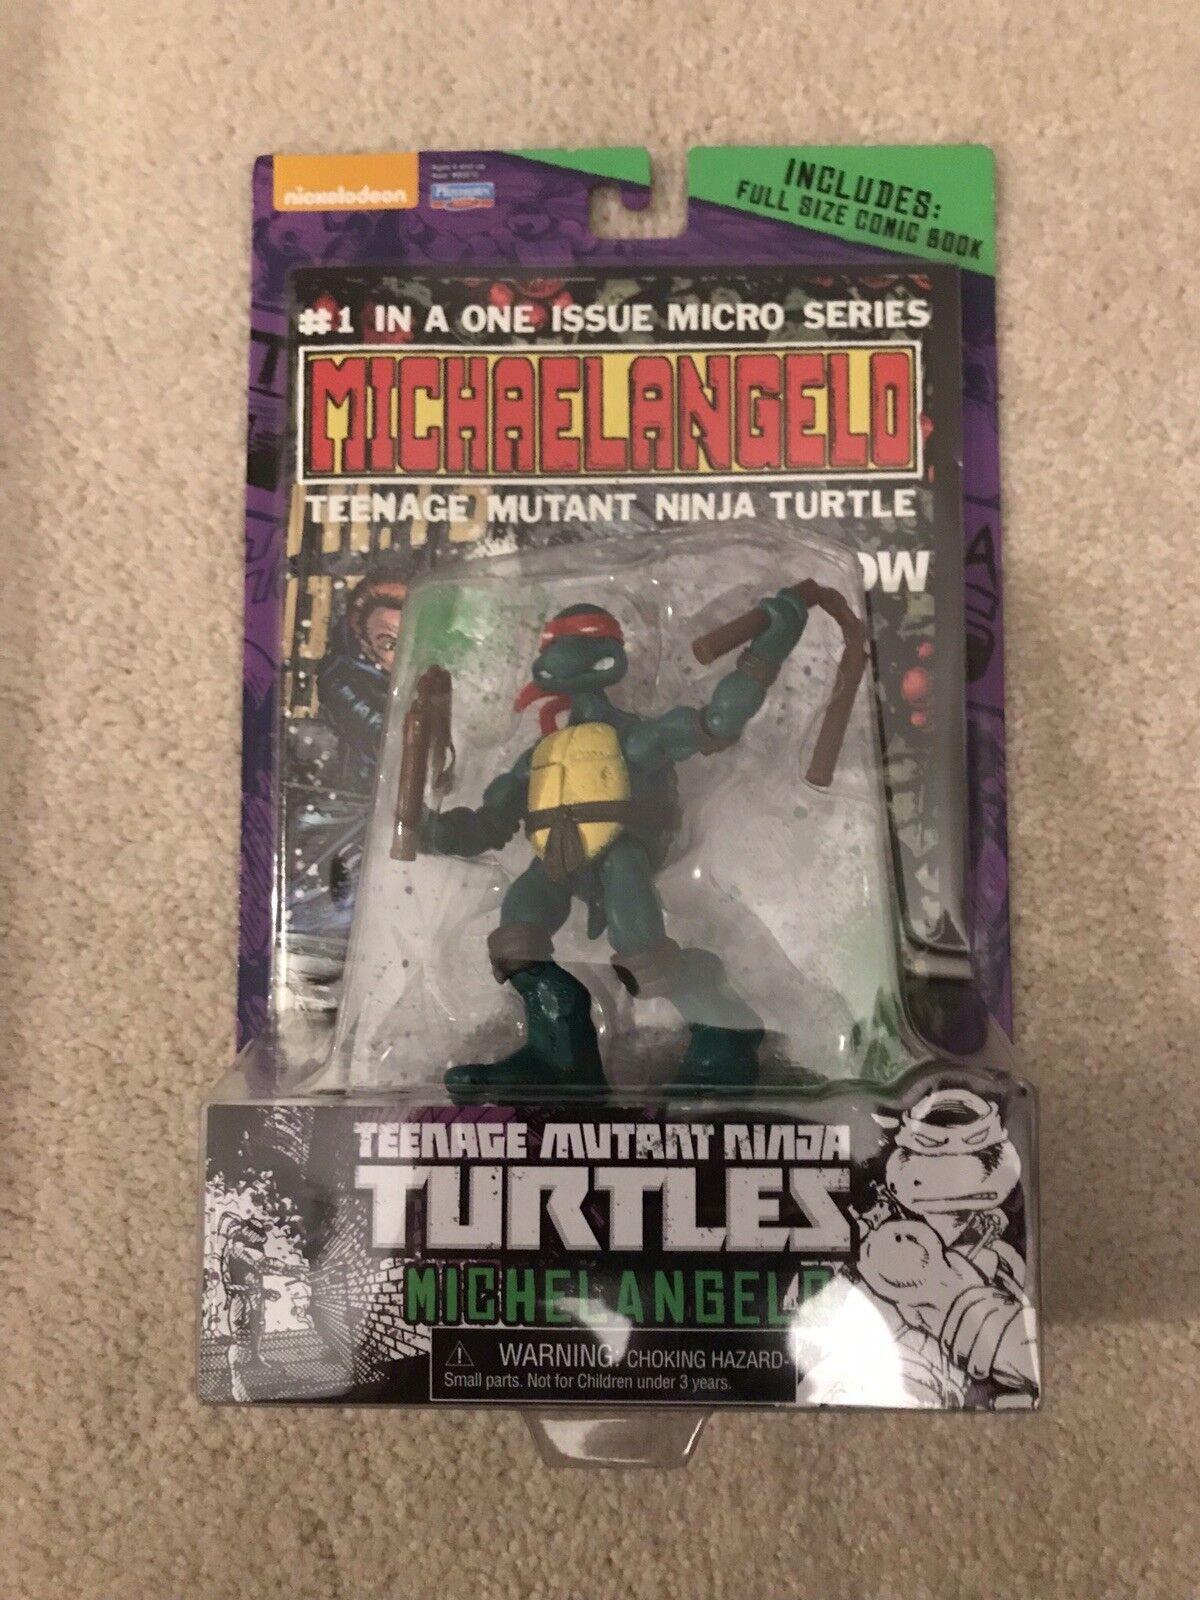 Rare Teenage Teenage Teenage Mutant Ninja Turtles Michelangelo Comic Book and Figure Set TMNT 856926